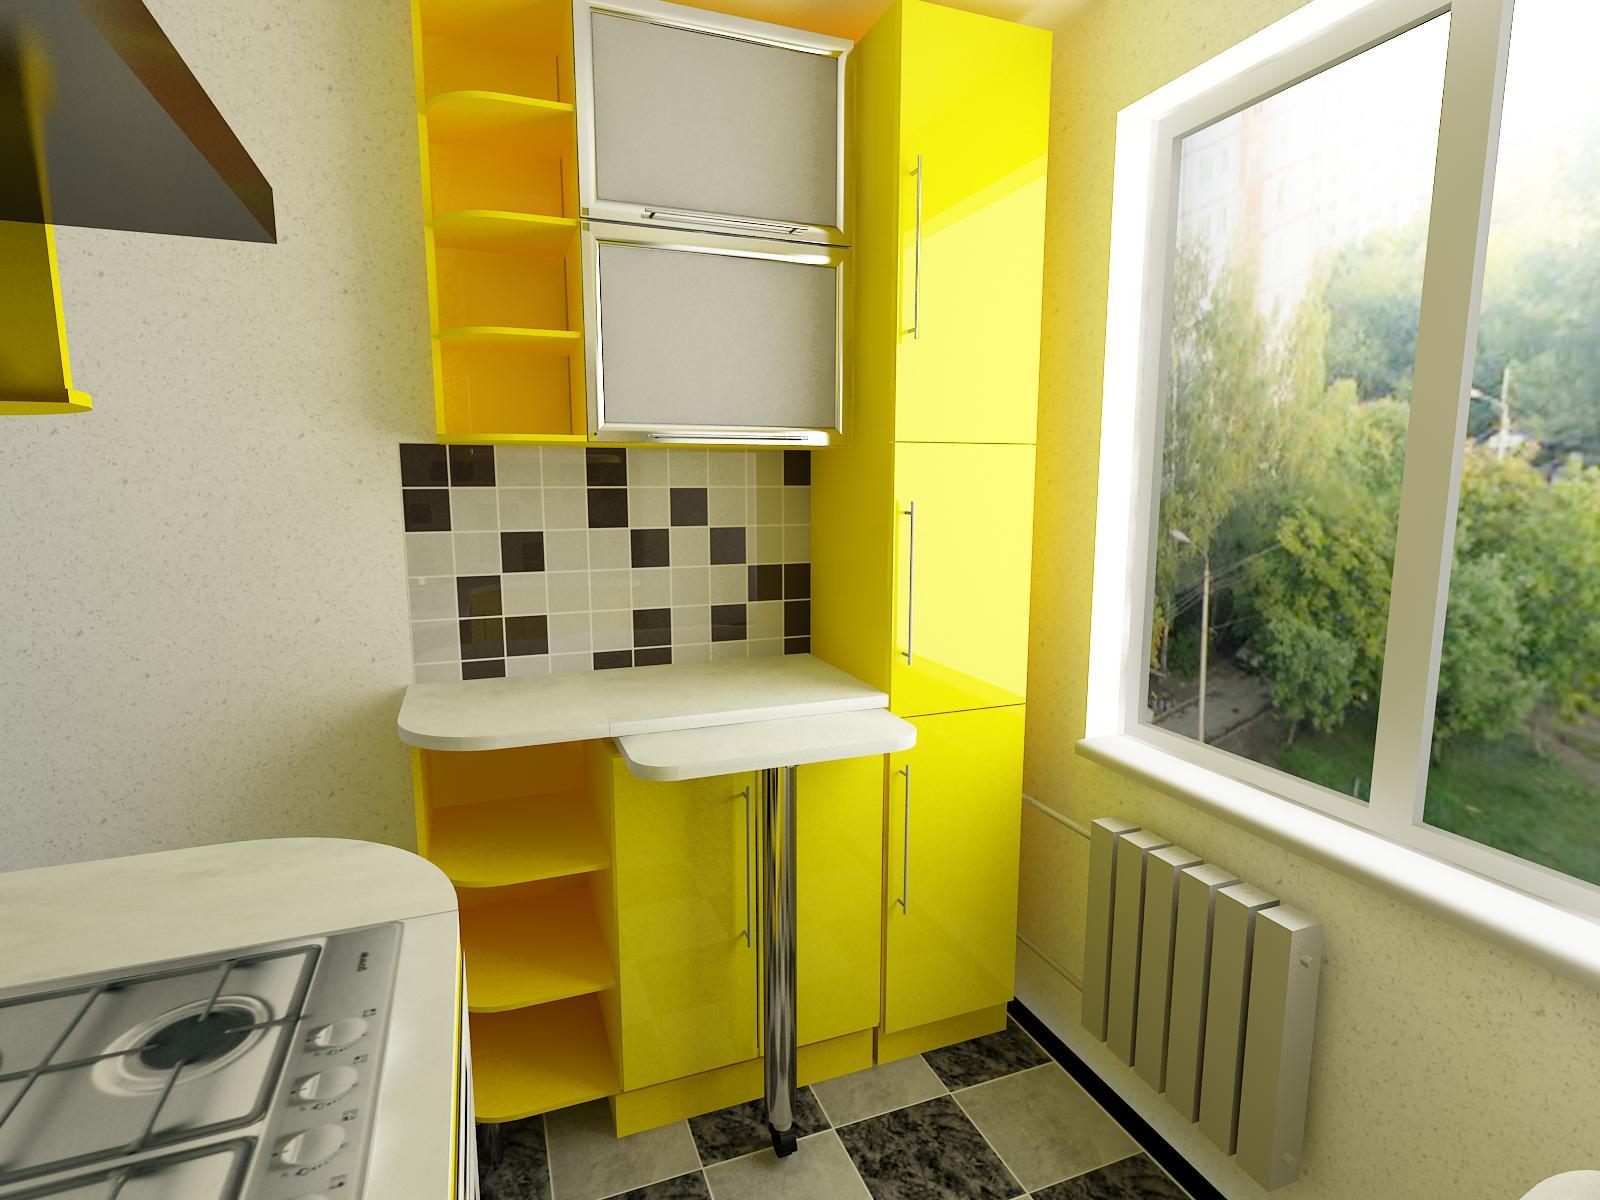 Идеи маленькой кухни 6 метров фото